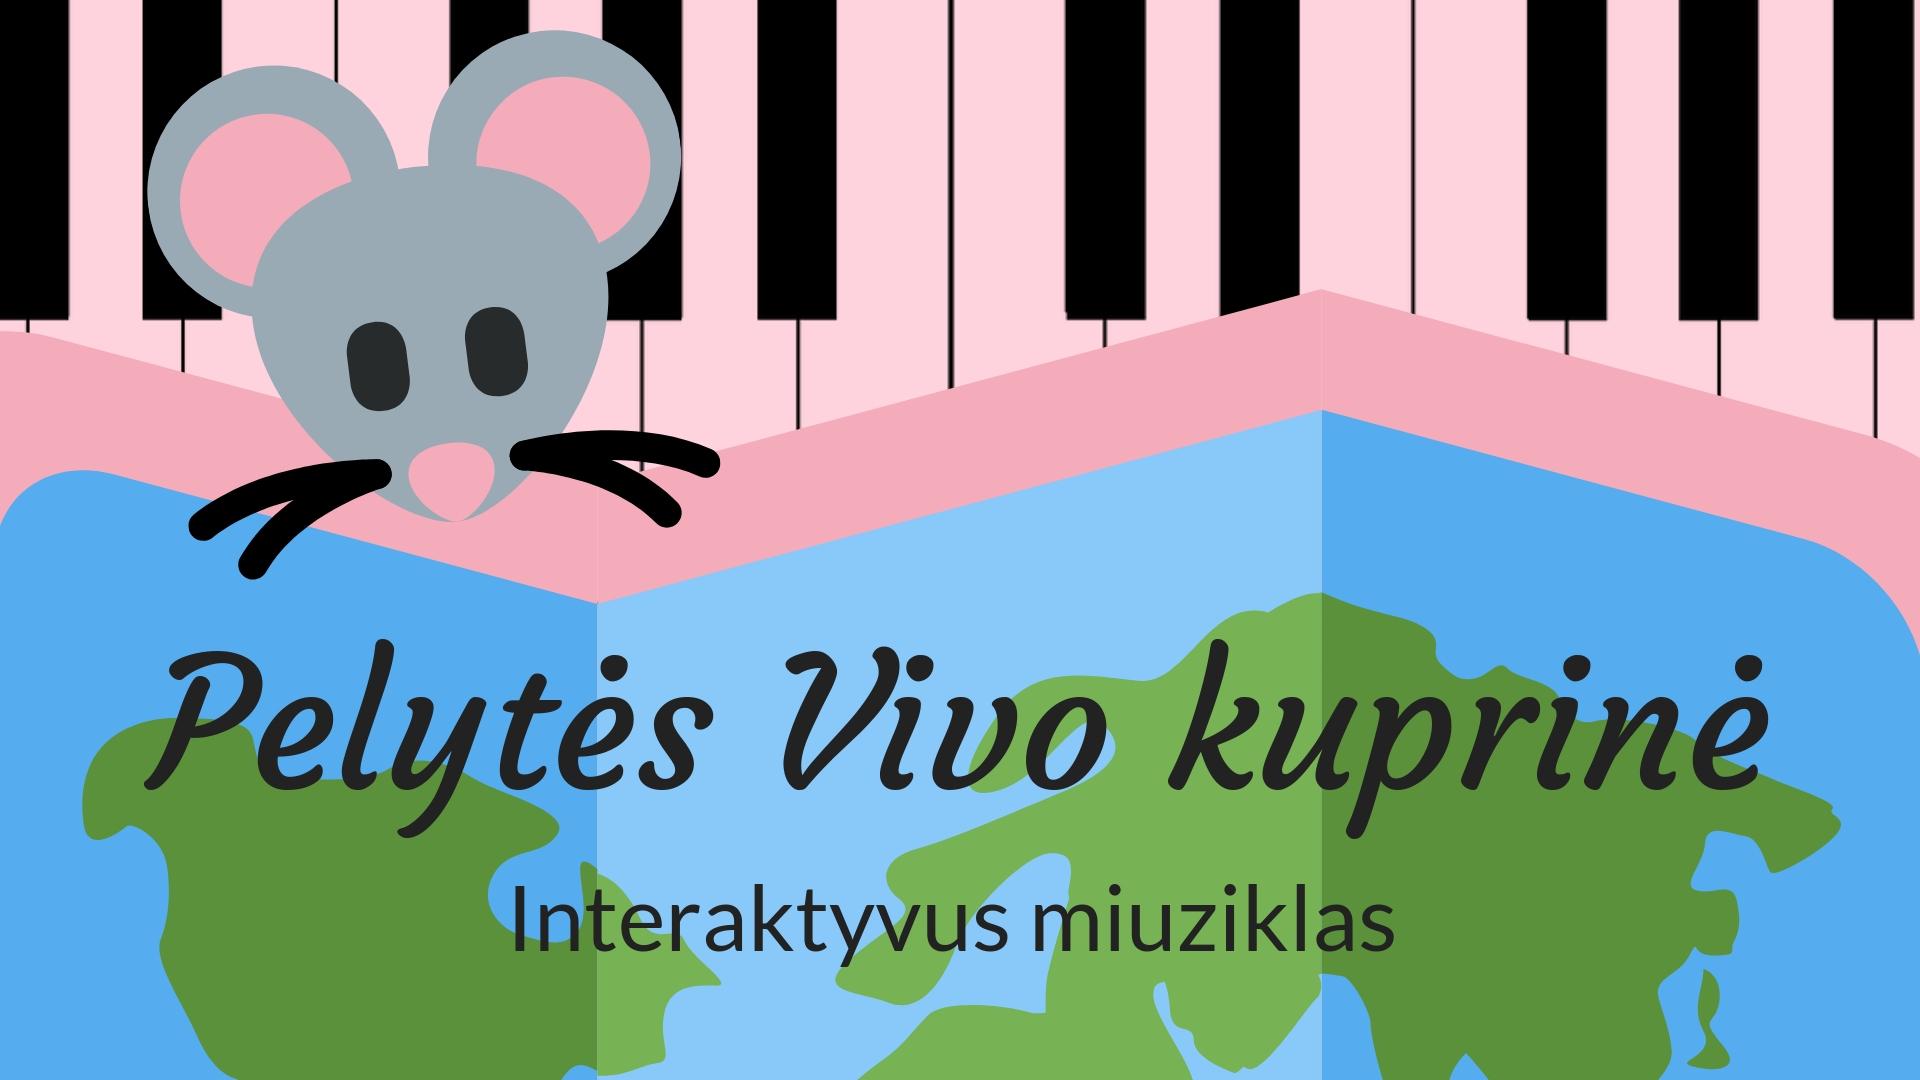 """interaktyvus miuziklas vaikams """"Pelytės Vivo kuprinė"""""""